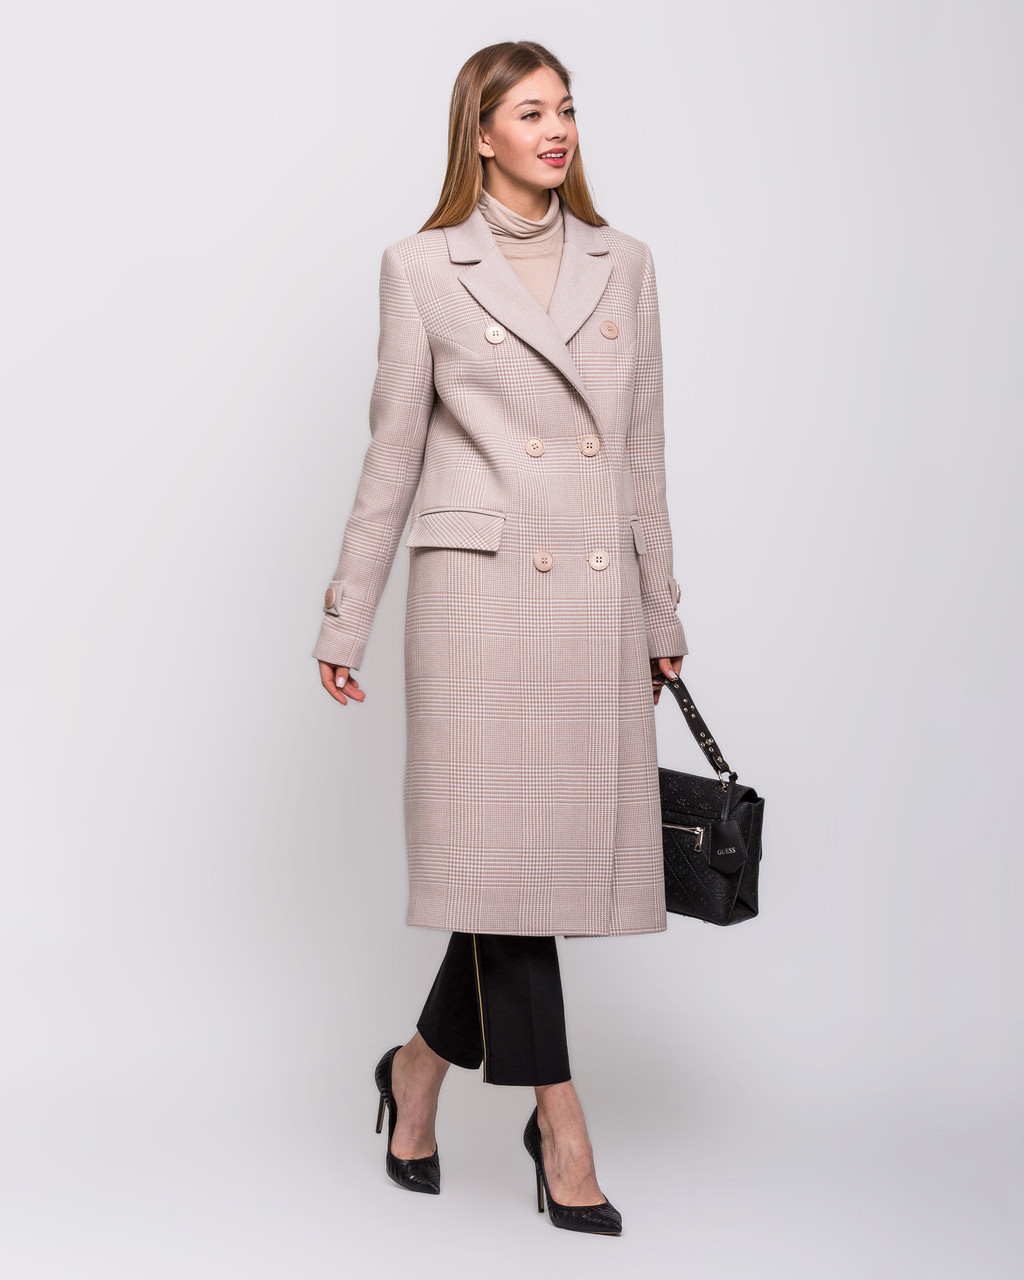 Модное пальтос в клетку 44 по 54 размер  весна 2020